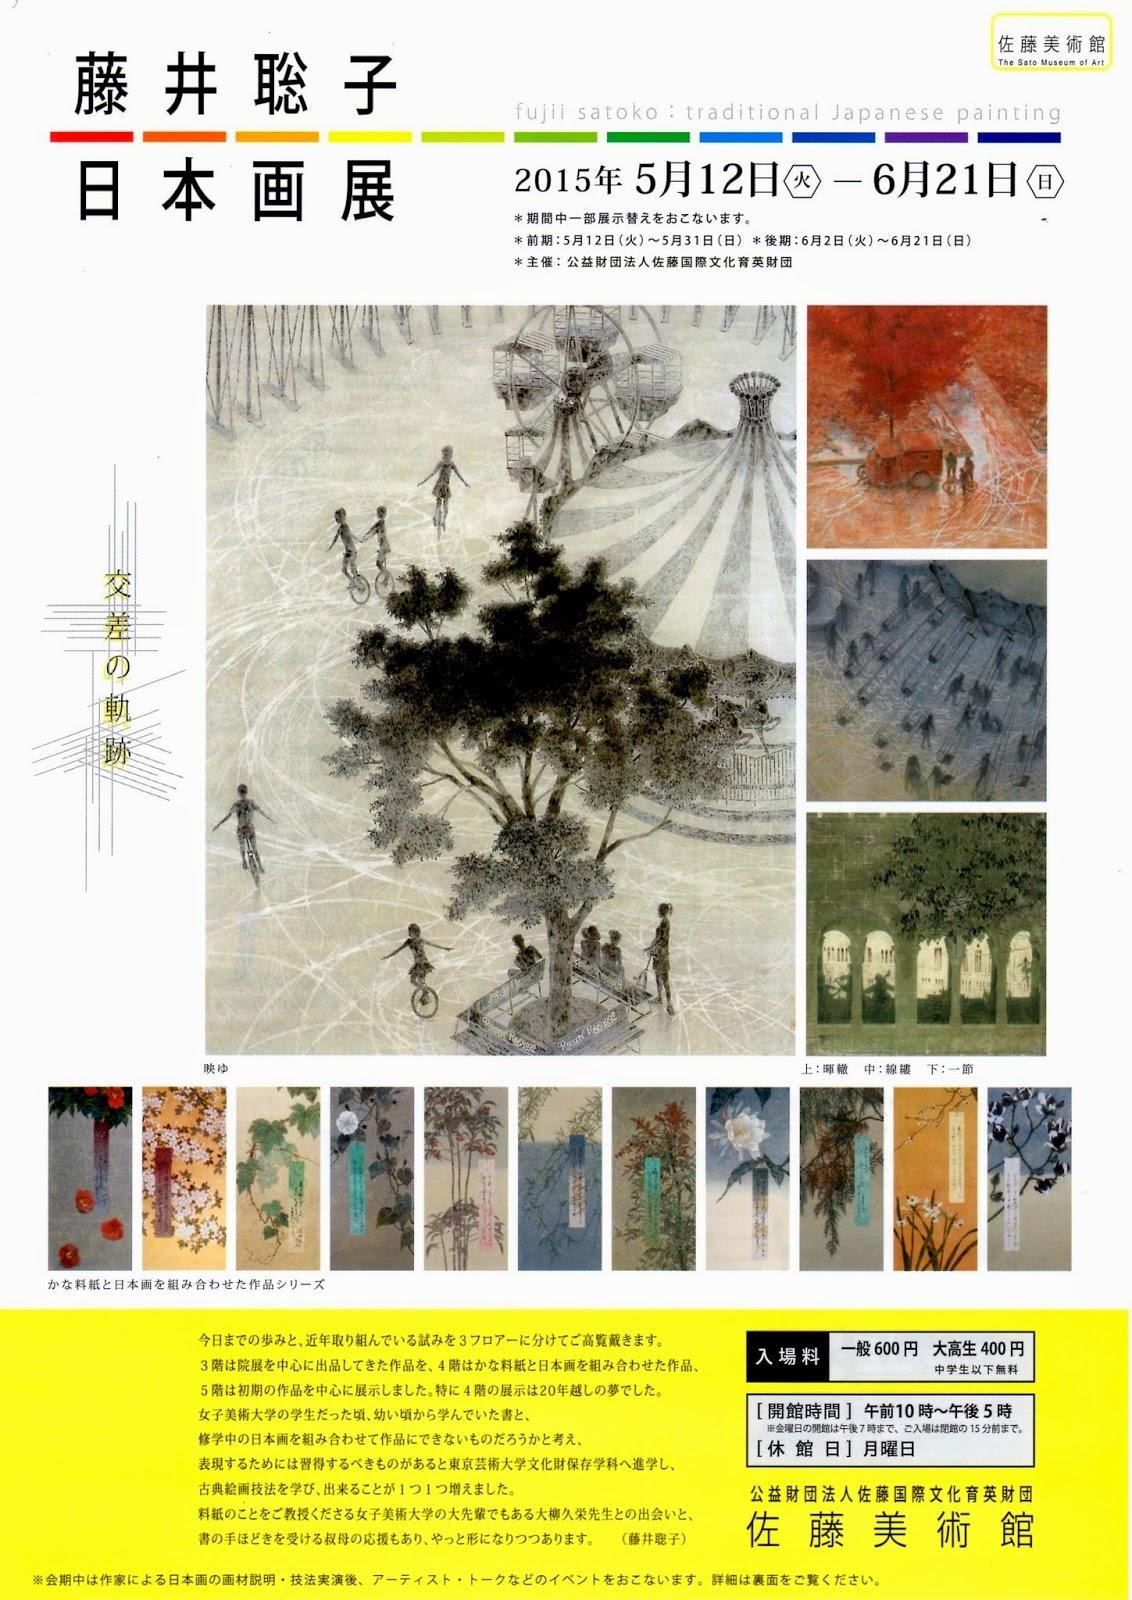 十に一つでも行けたなら(東京エリア+美術展)...2015年06月_c0153302_13255844.jpg